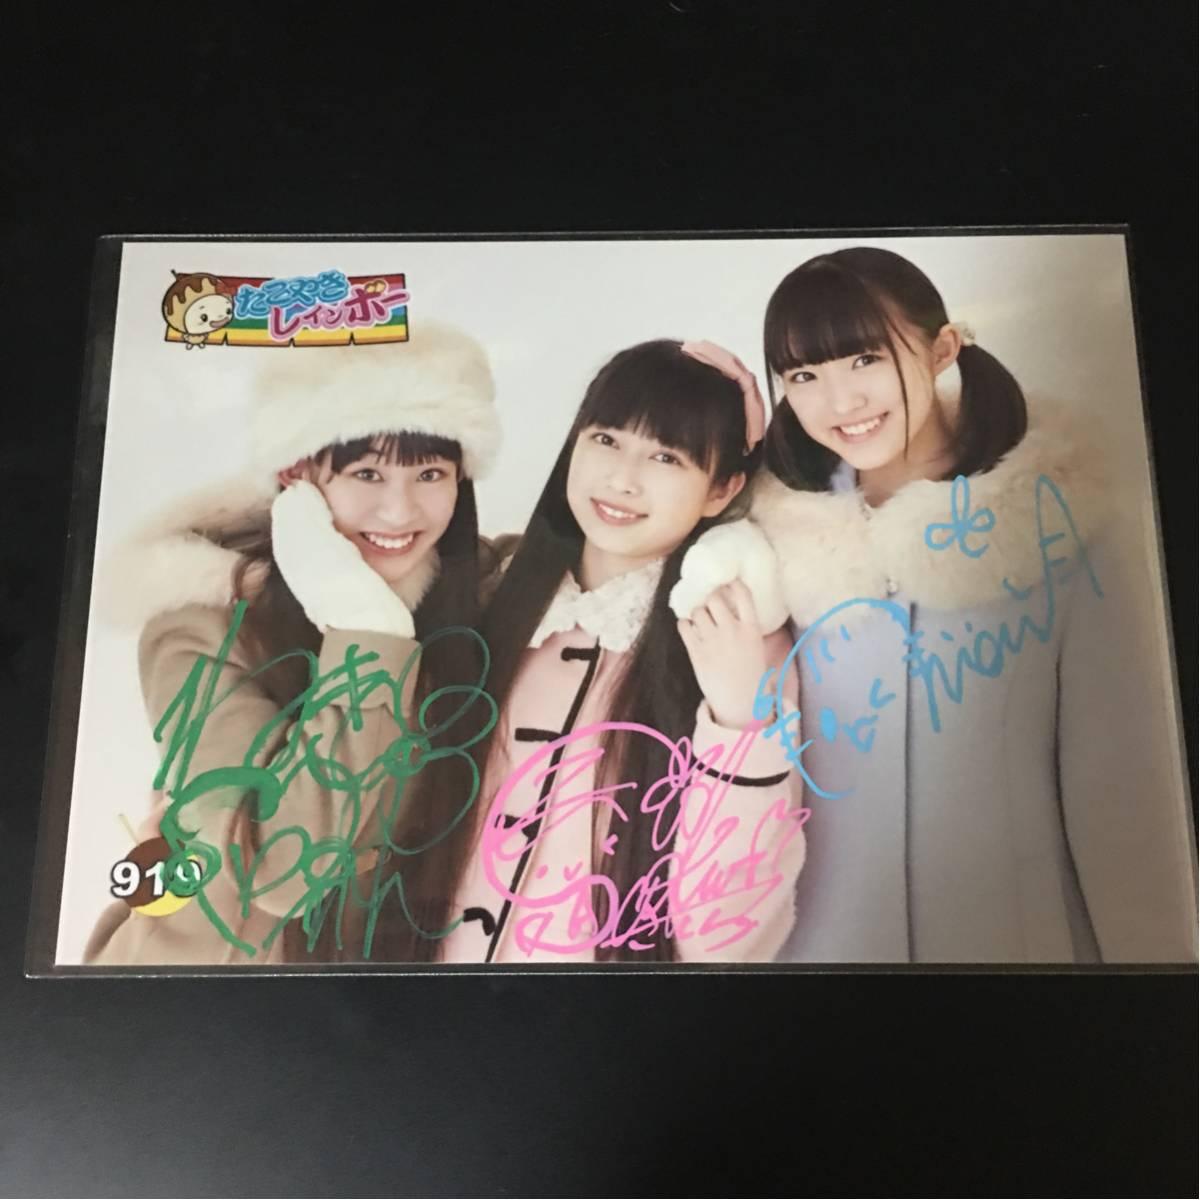 たこやきレインボー 春名真依 彩木咲良 根岸可蓮 生写真 サイン たこ虹 まいまい ライブグッズの画像